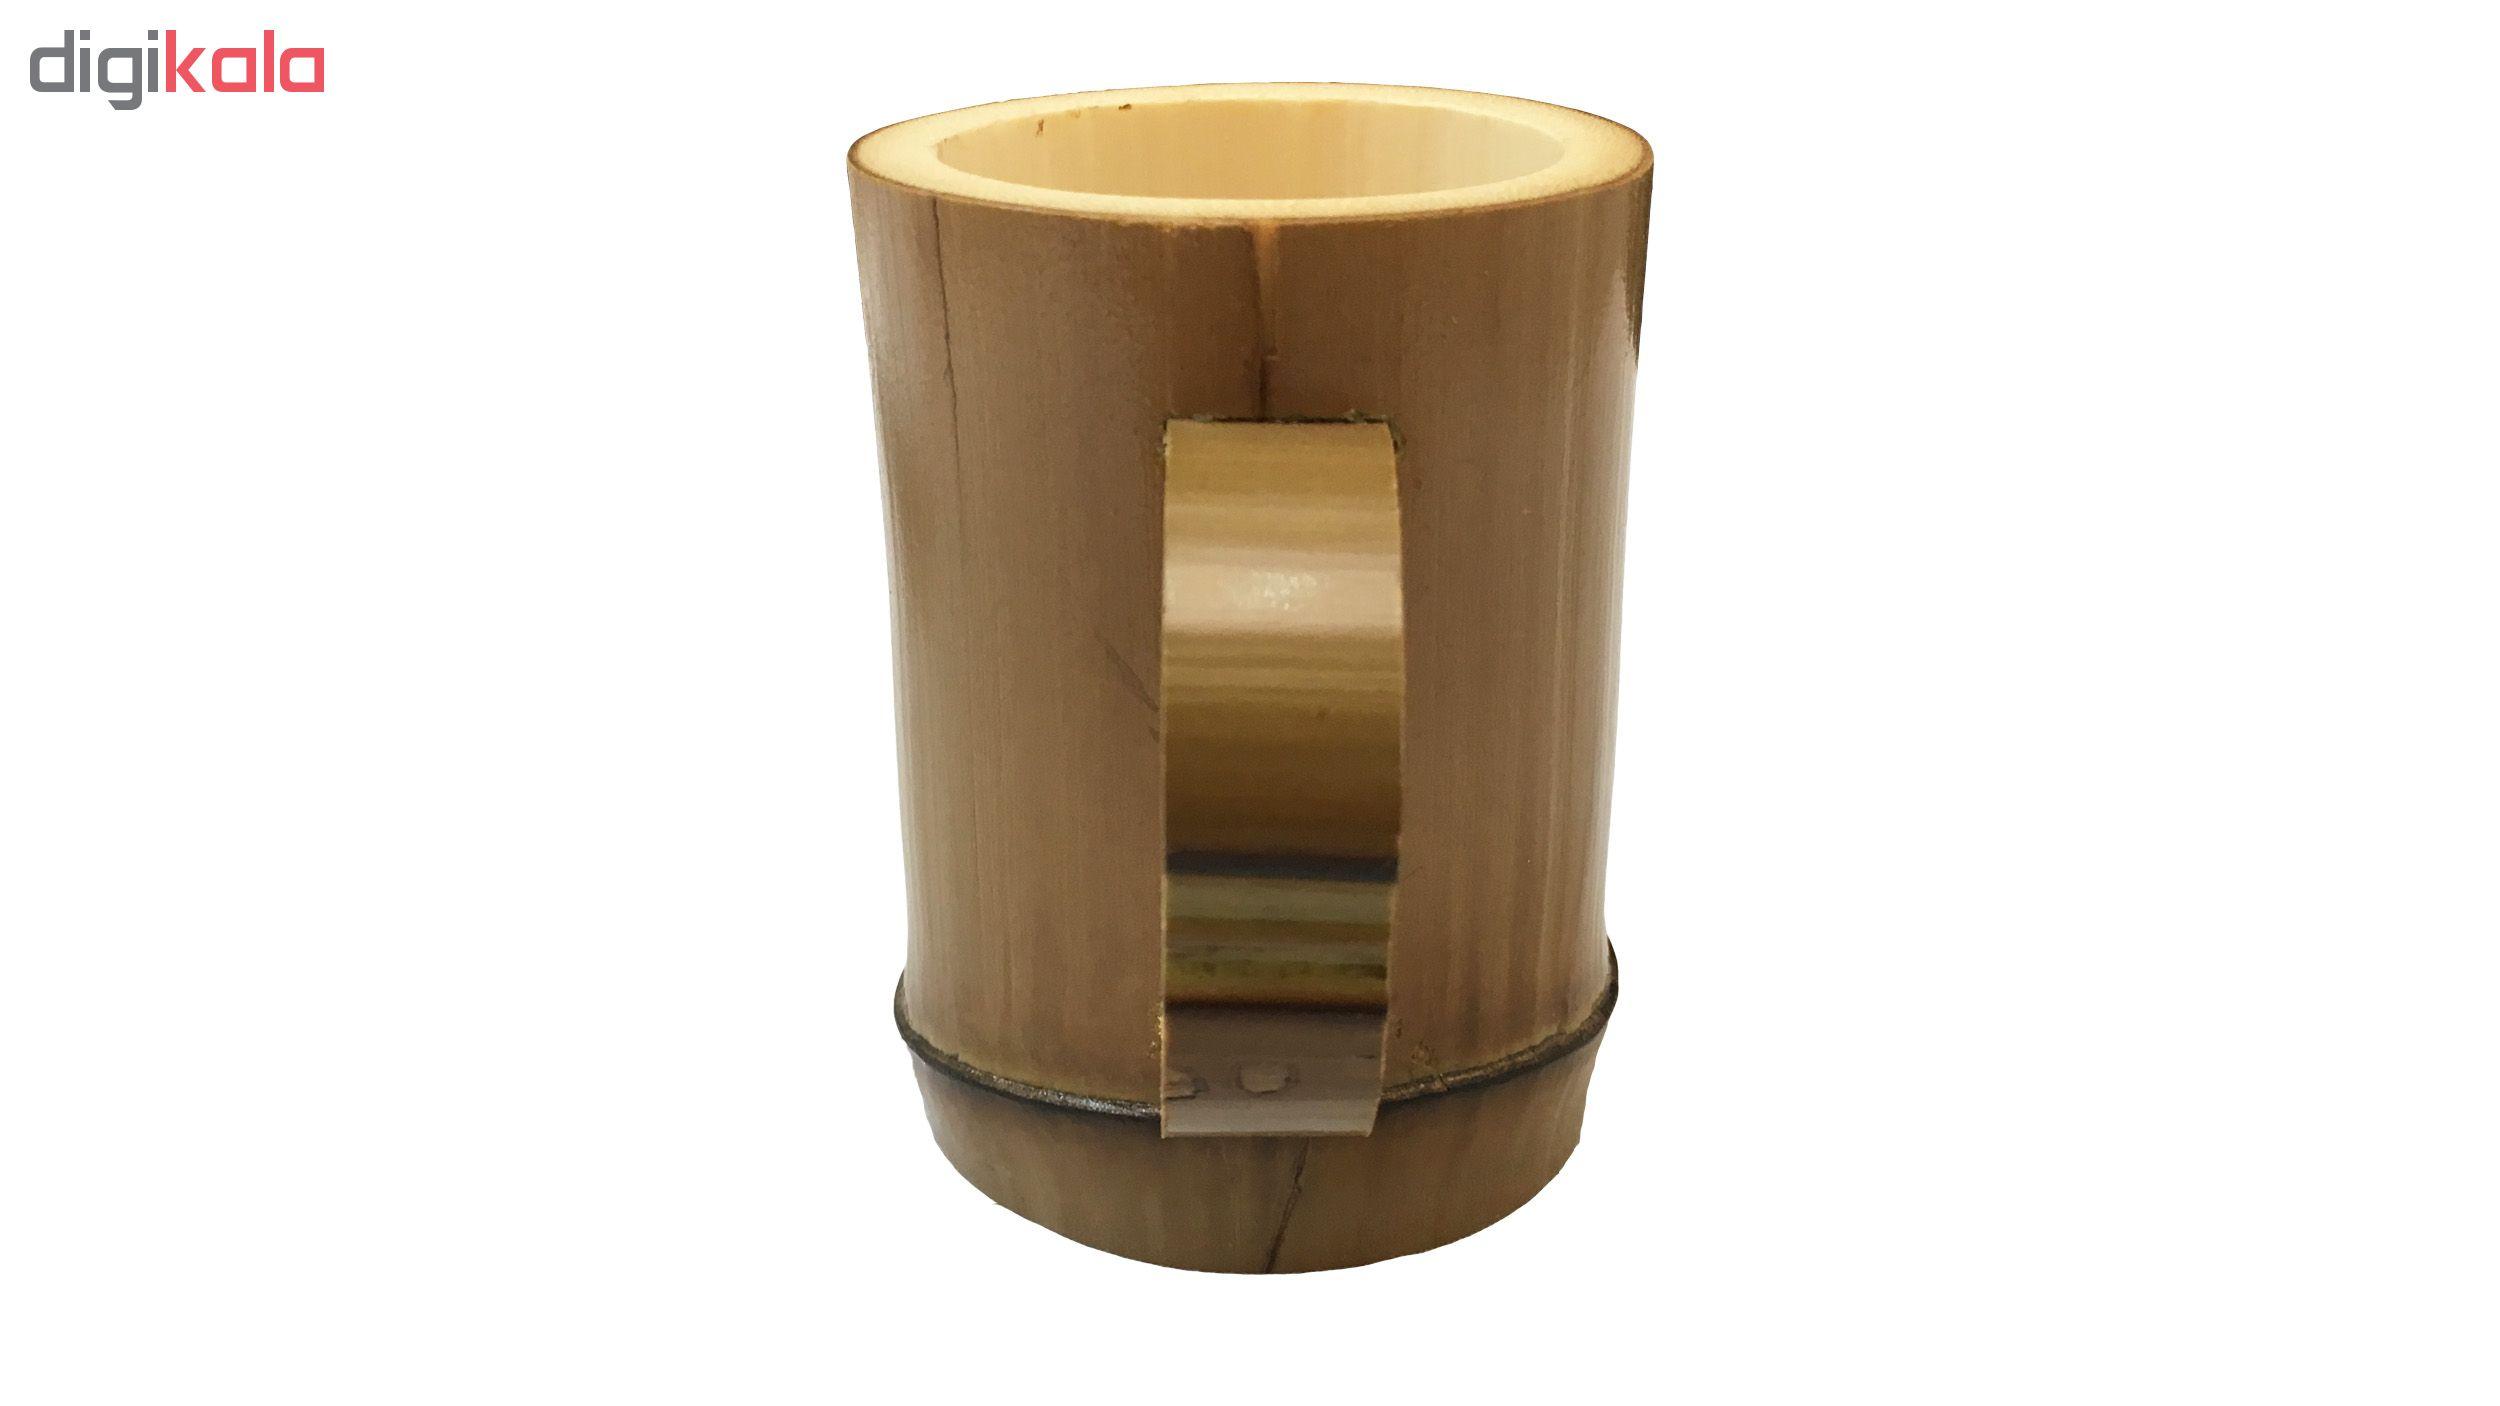 لیوان چوبی مدل BM03